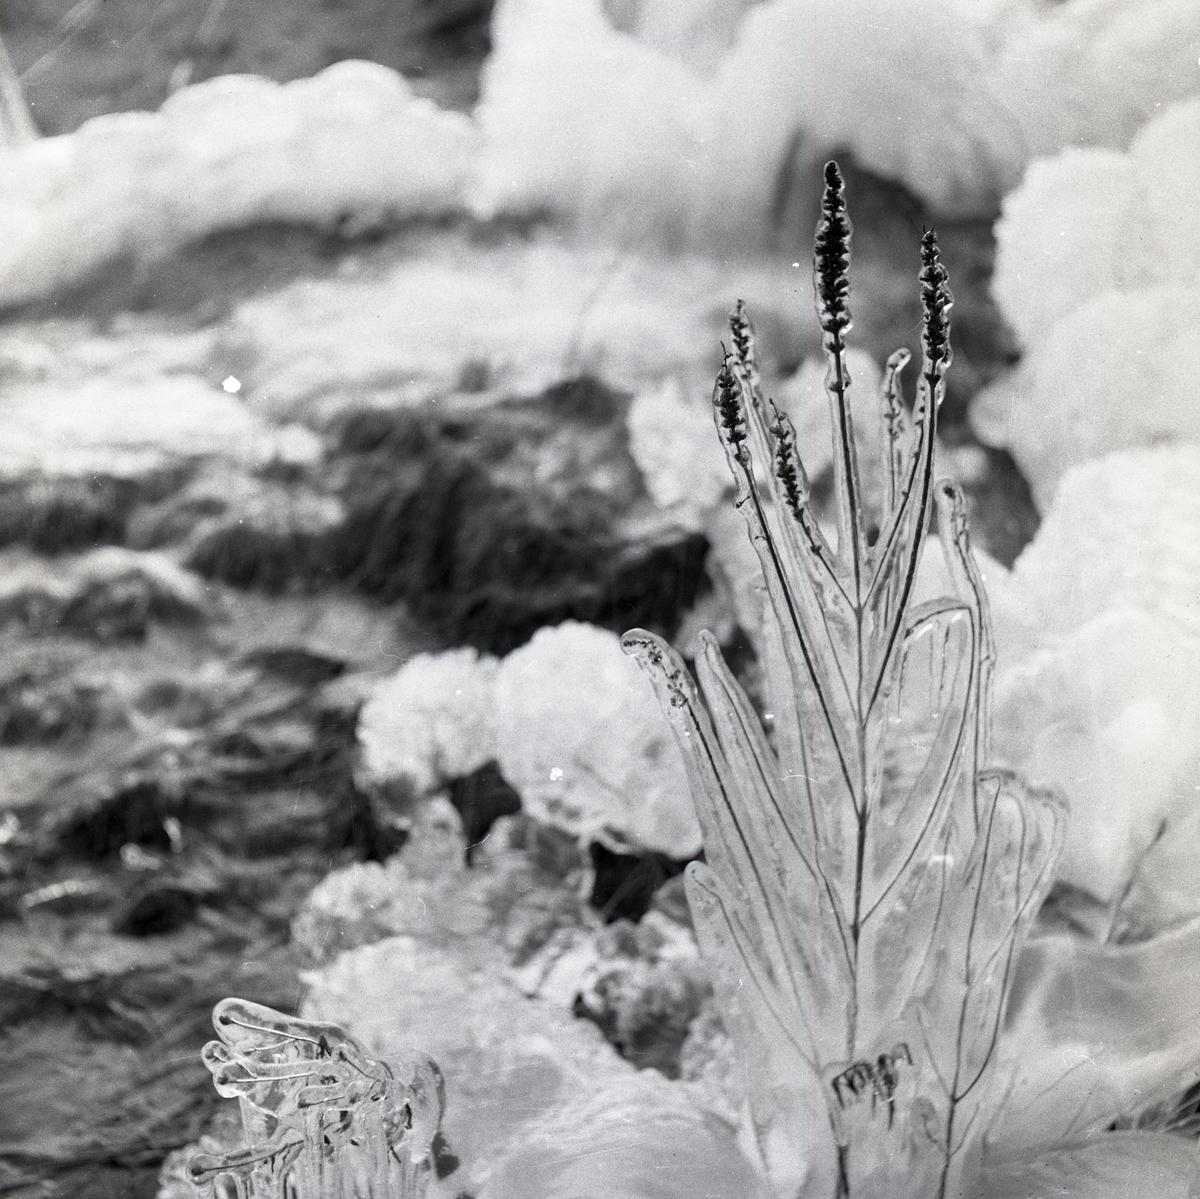 Istäckt växt framför ett vattendrag, 23 november 1953.